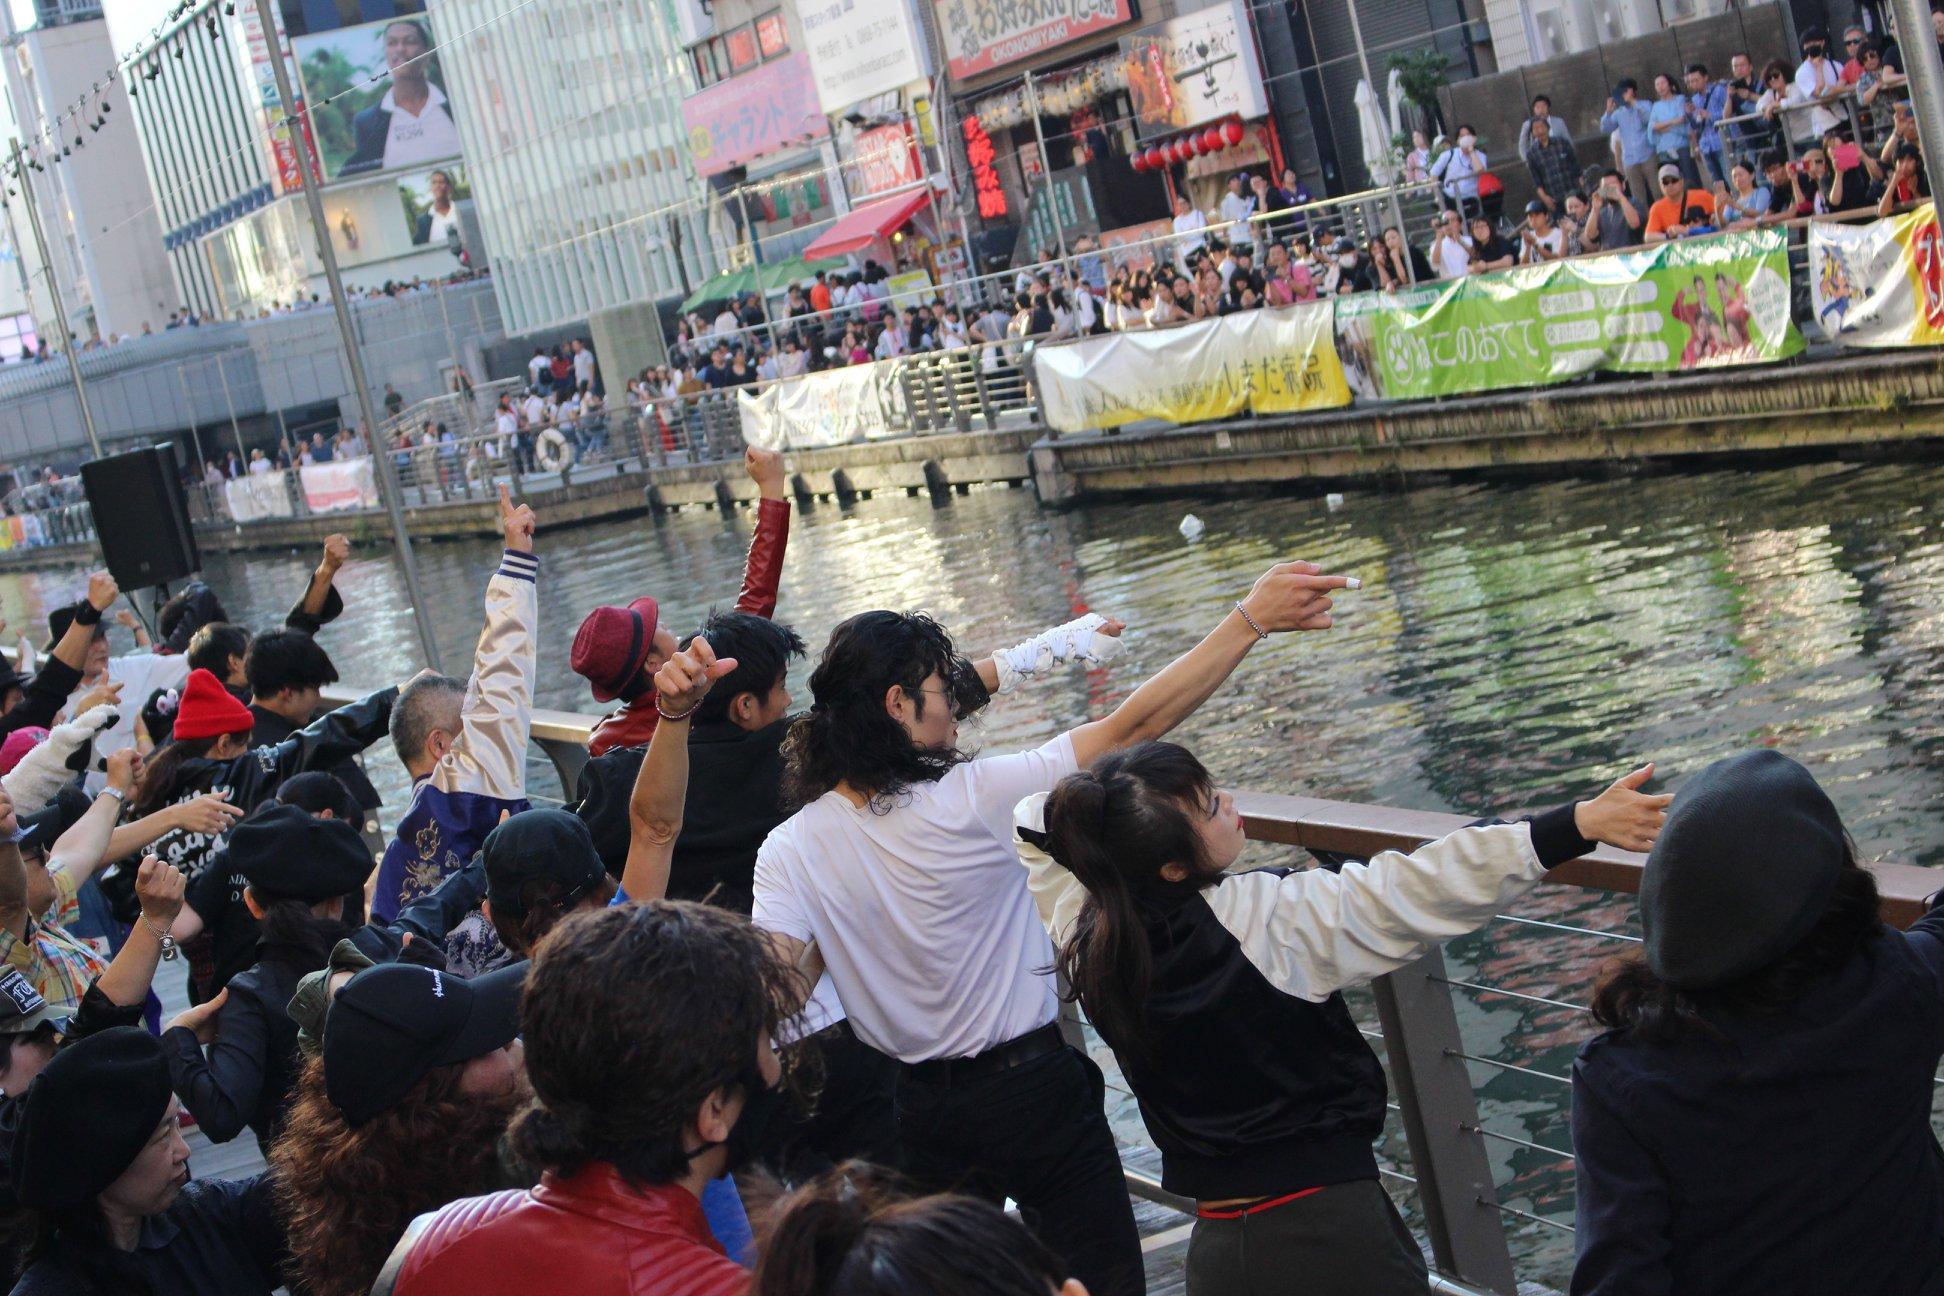 http://www.orangeribbon.jp/info/organization/b6d0af47d23e17bd52488af528bbab5739d4597c.jpg